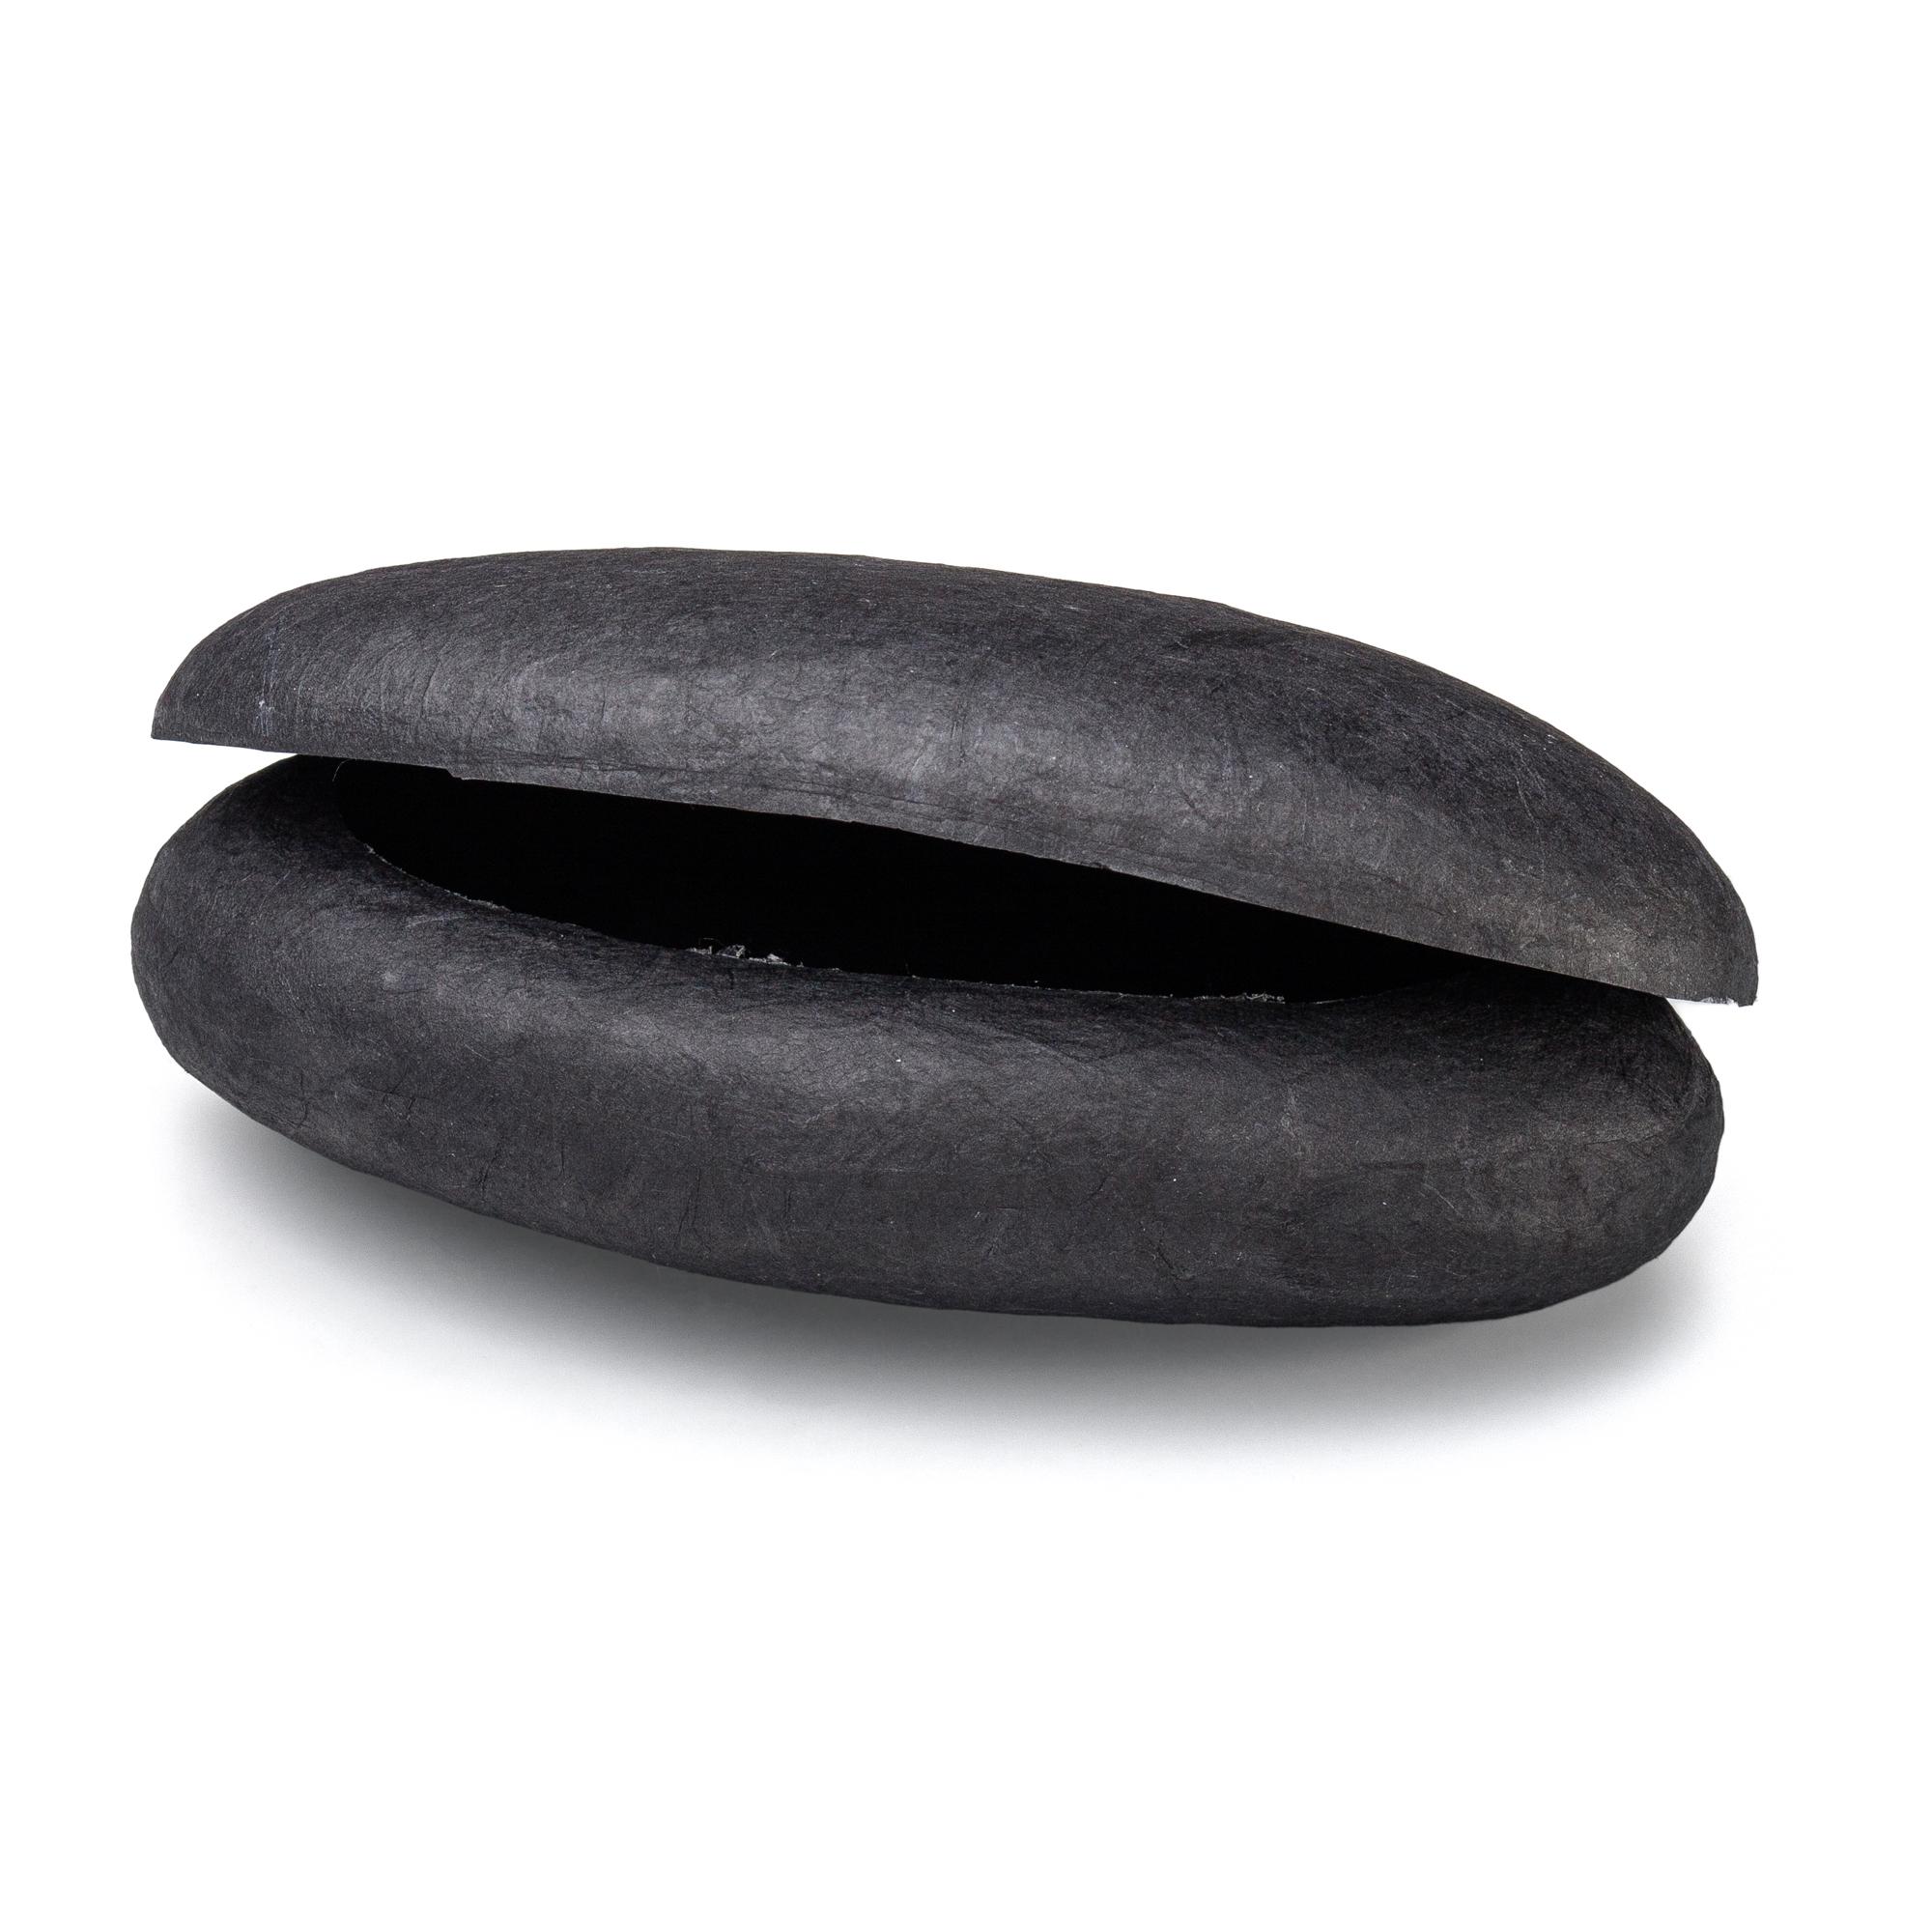 STONE groß schwarz